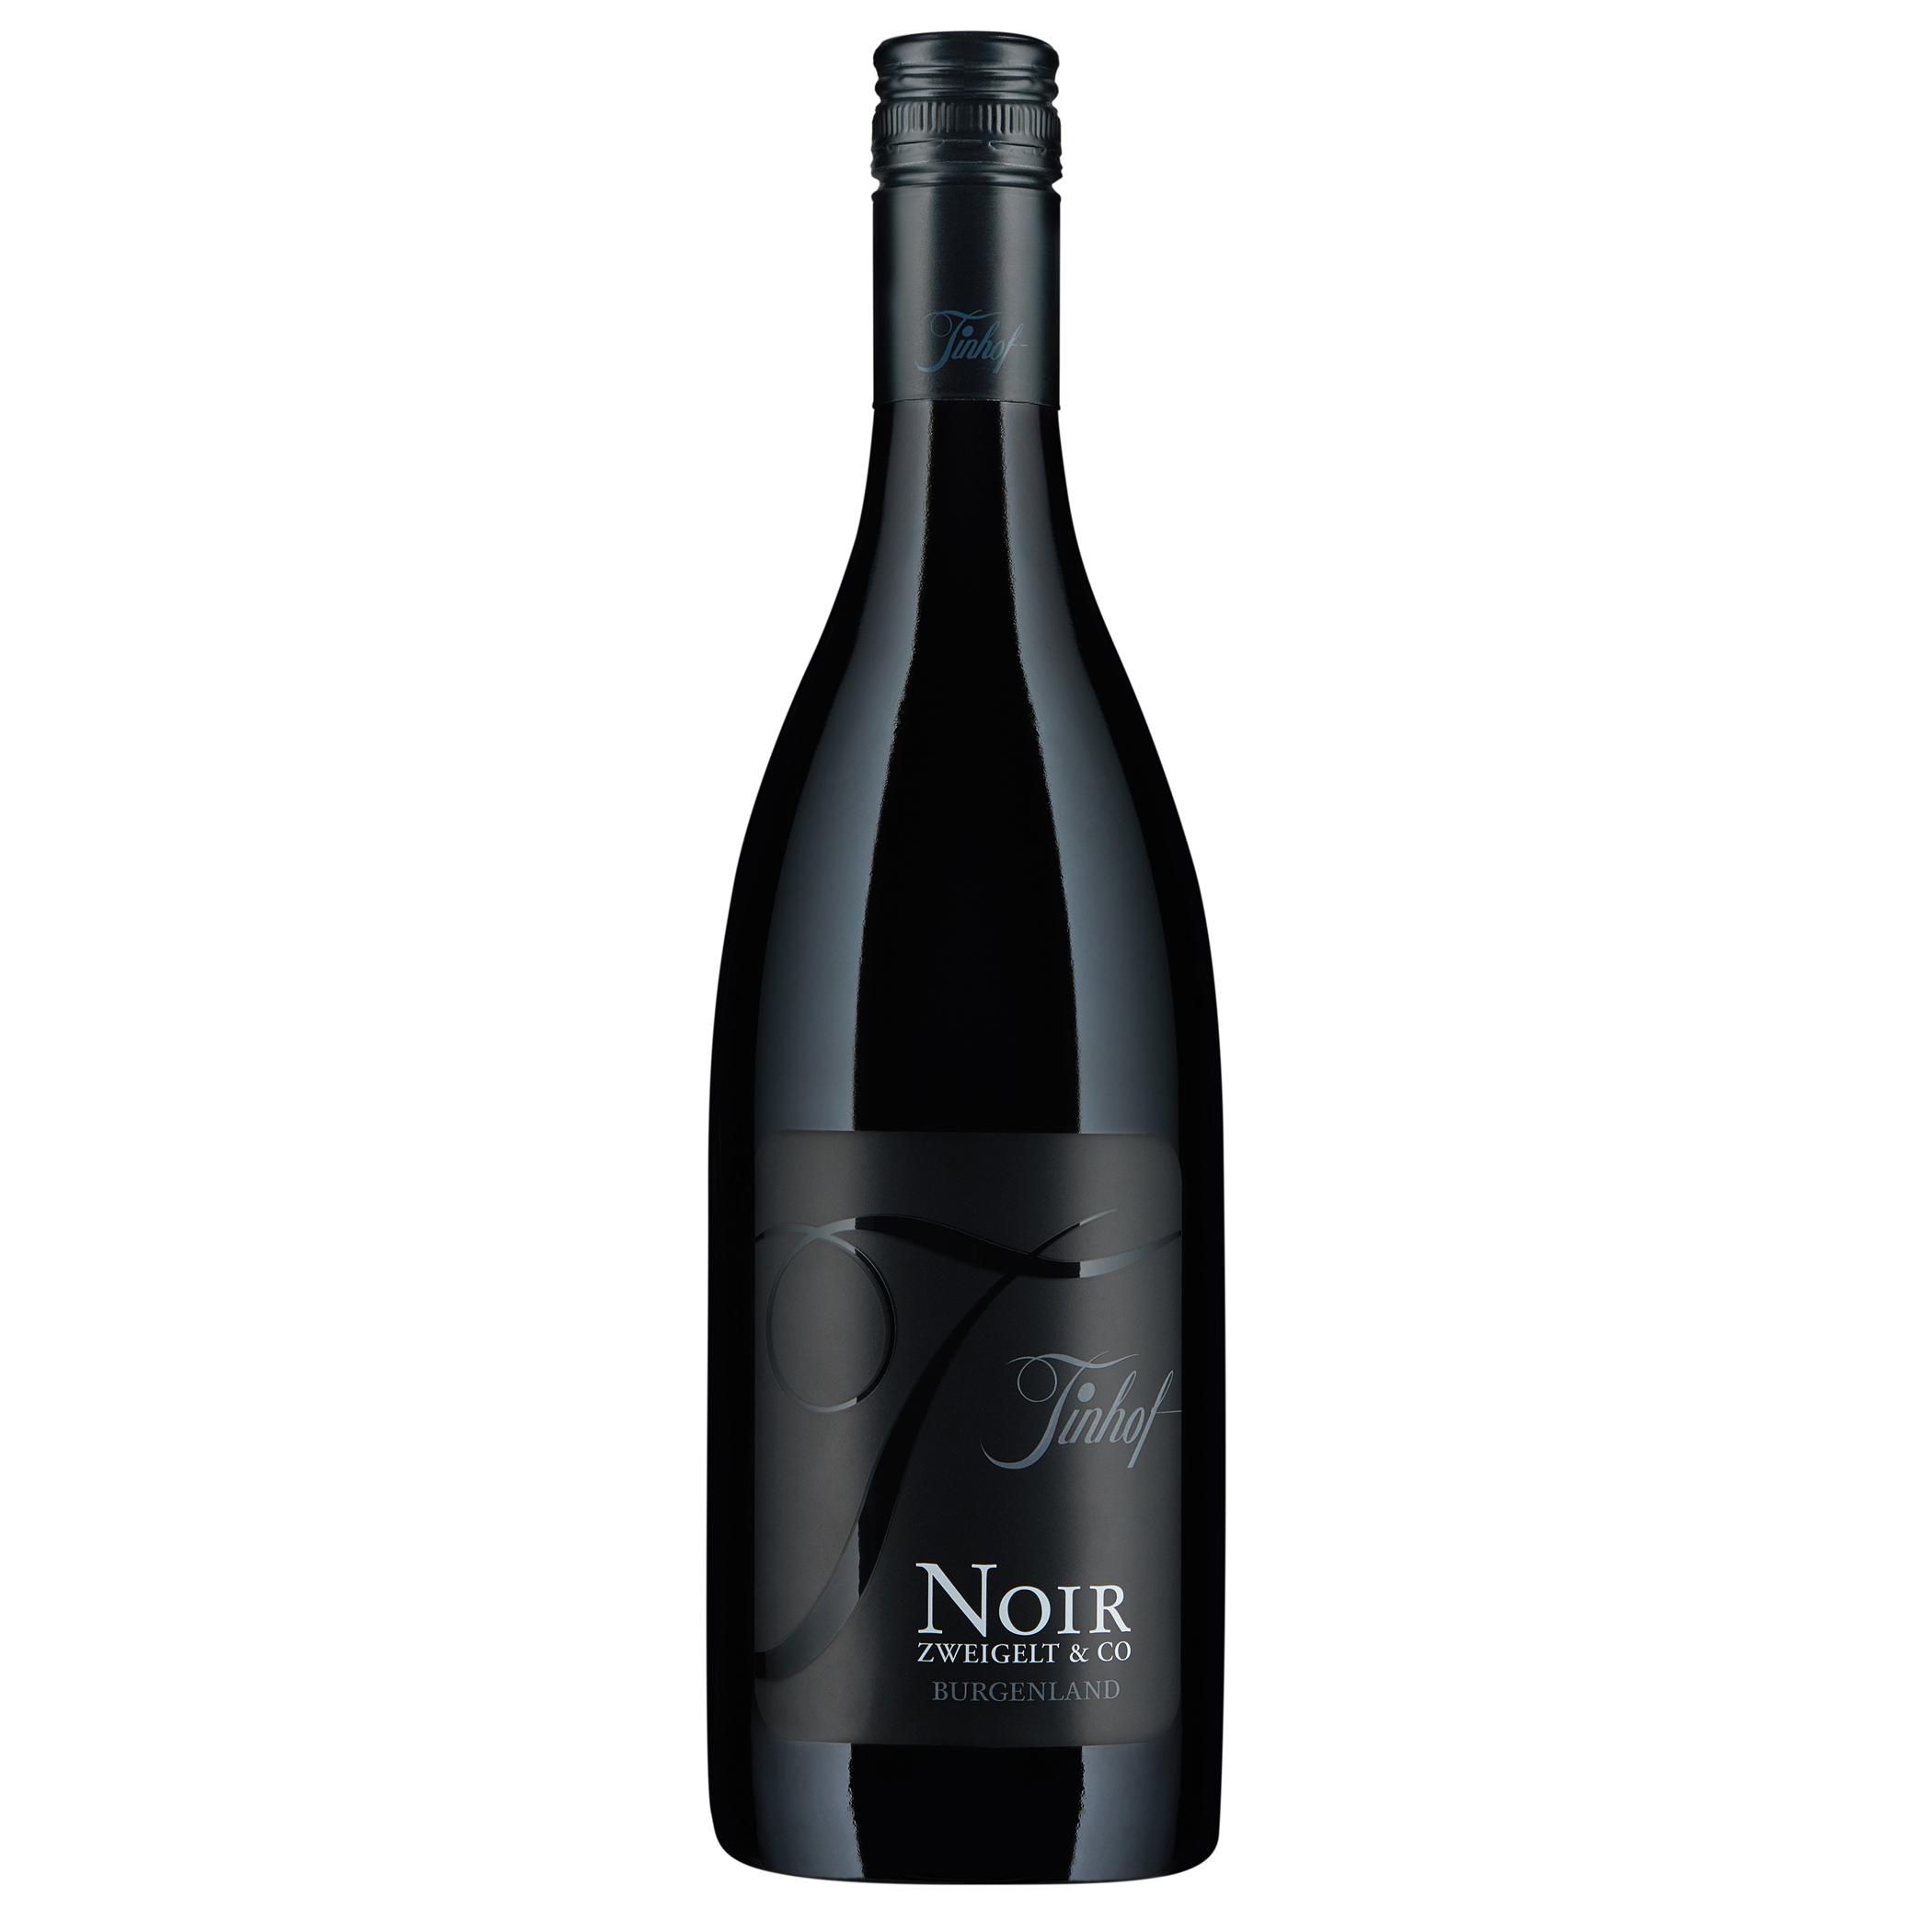 2016 Tinhof Noir (BIO)